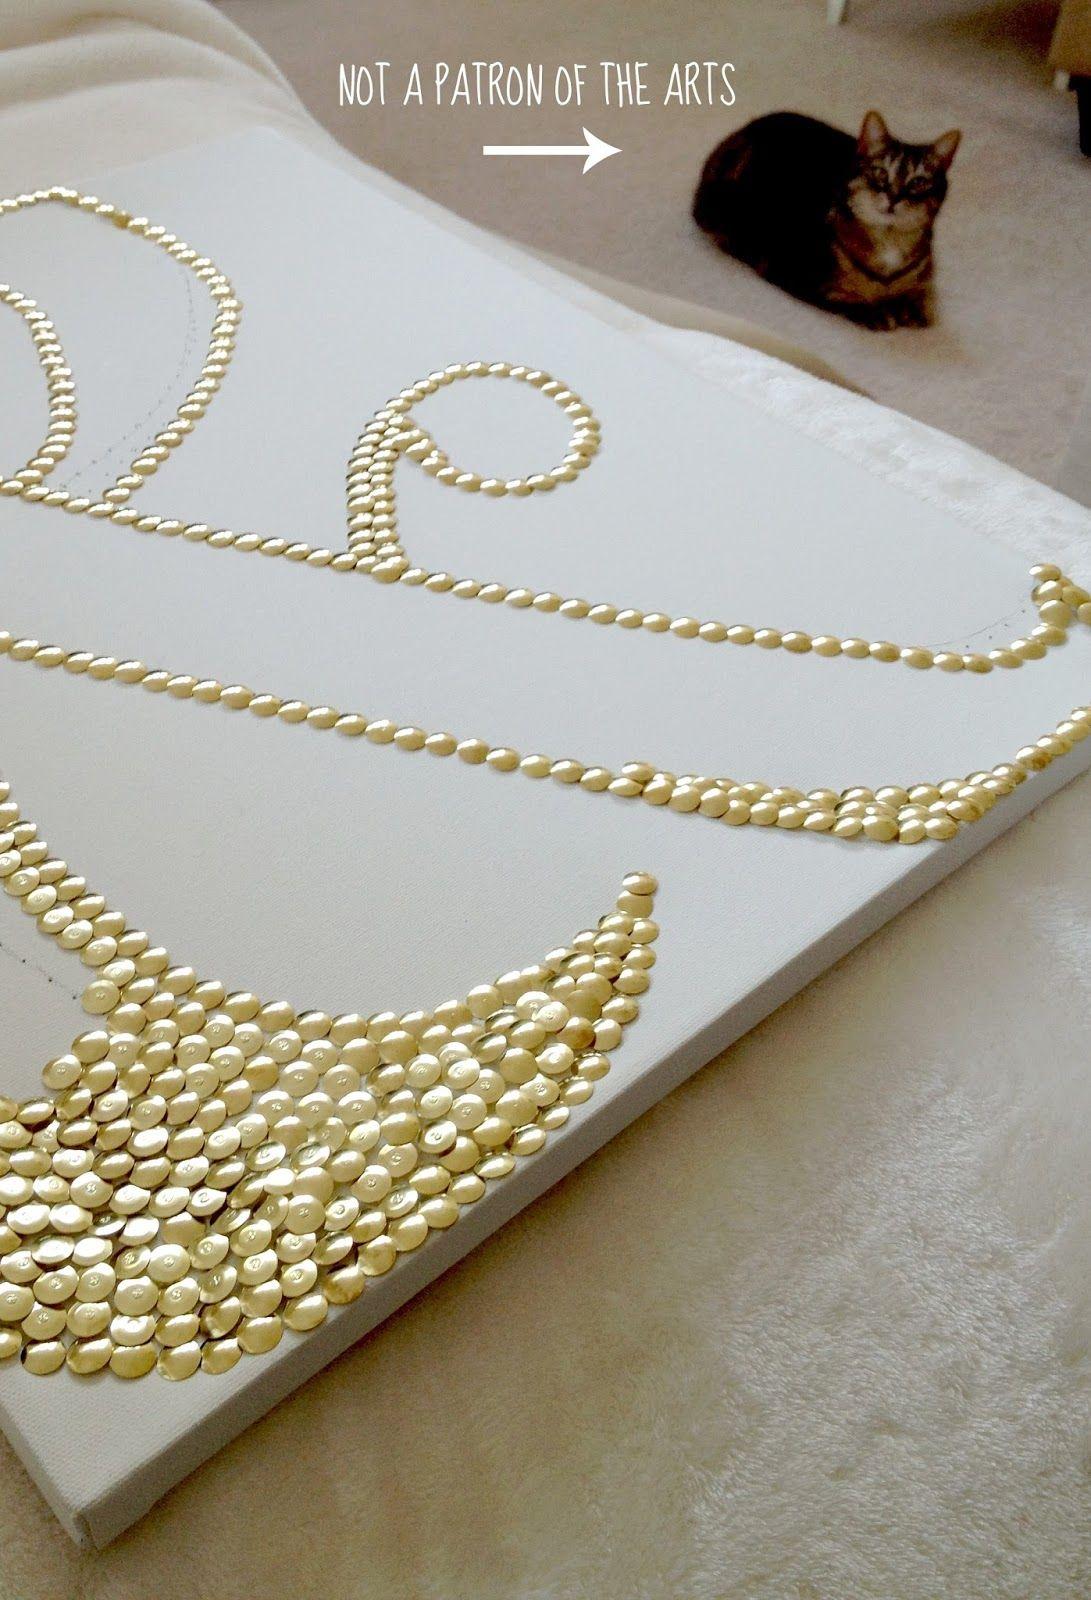 Canvas and gold thumbtacks - wall art DIY   Decorations ...